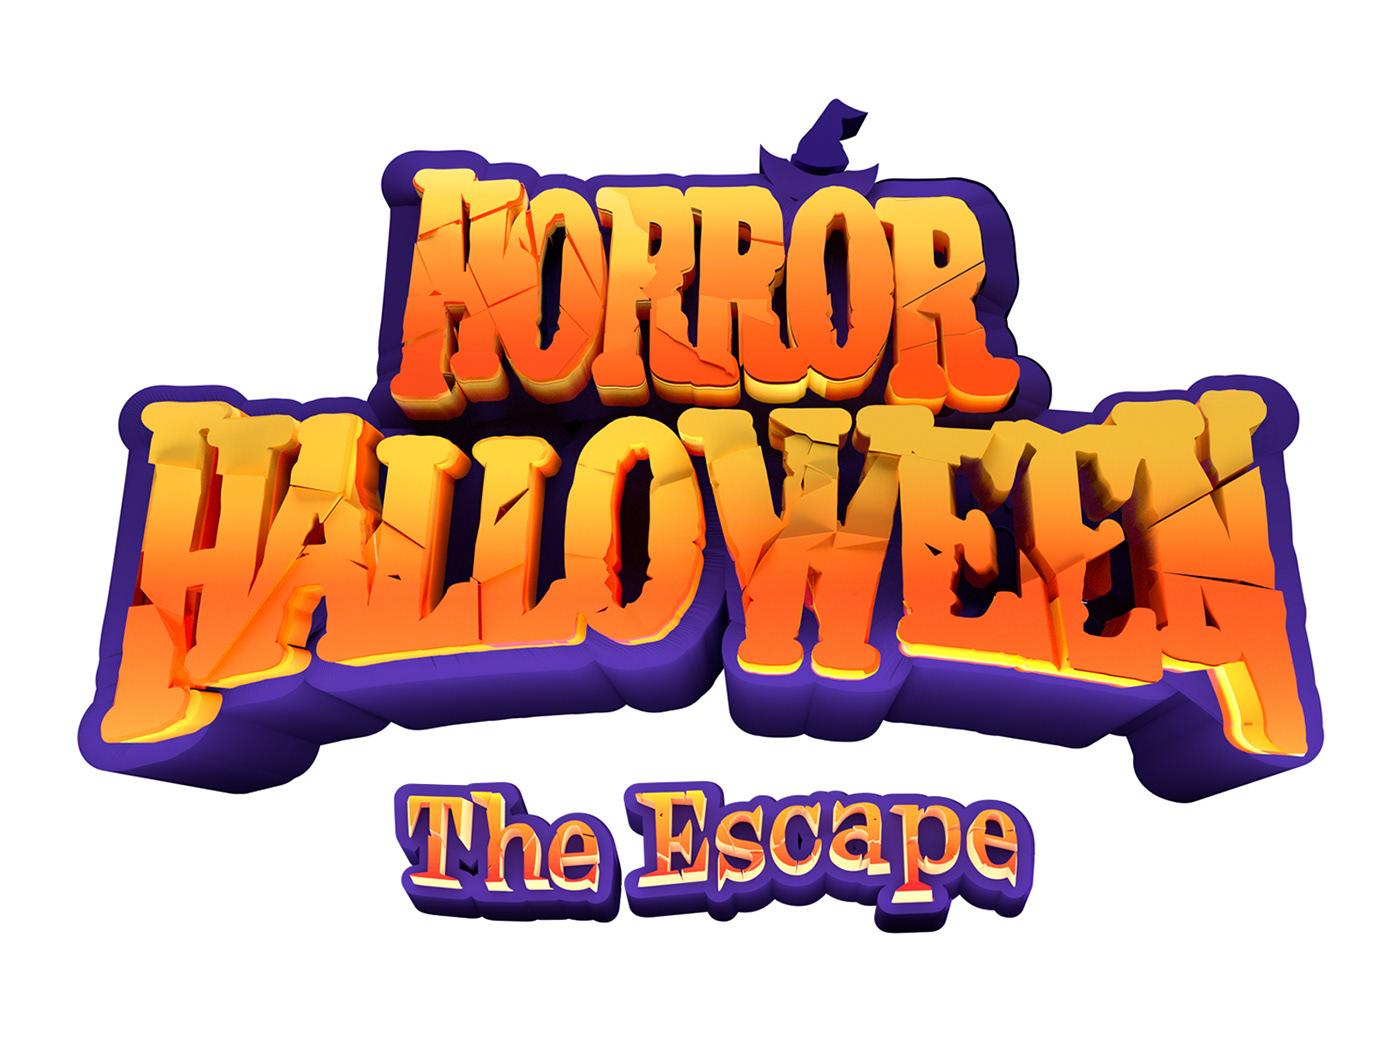 3D 3dmodeling Character characterdesign festival Halloween ILLUSTRATION  Keyvisual lotteworld poster